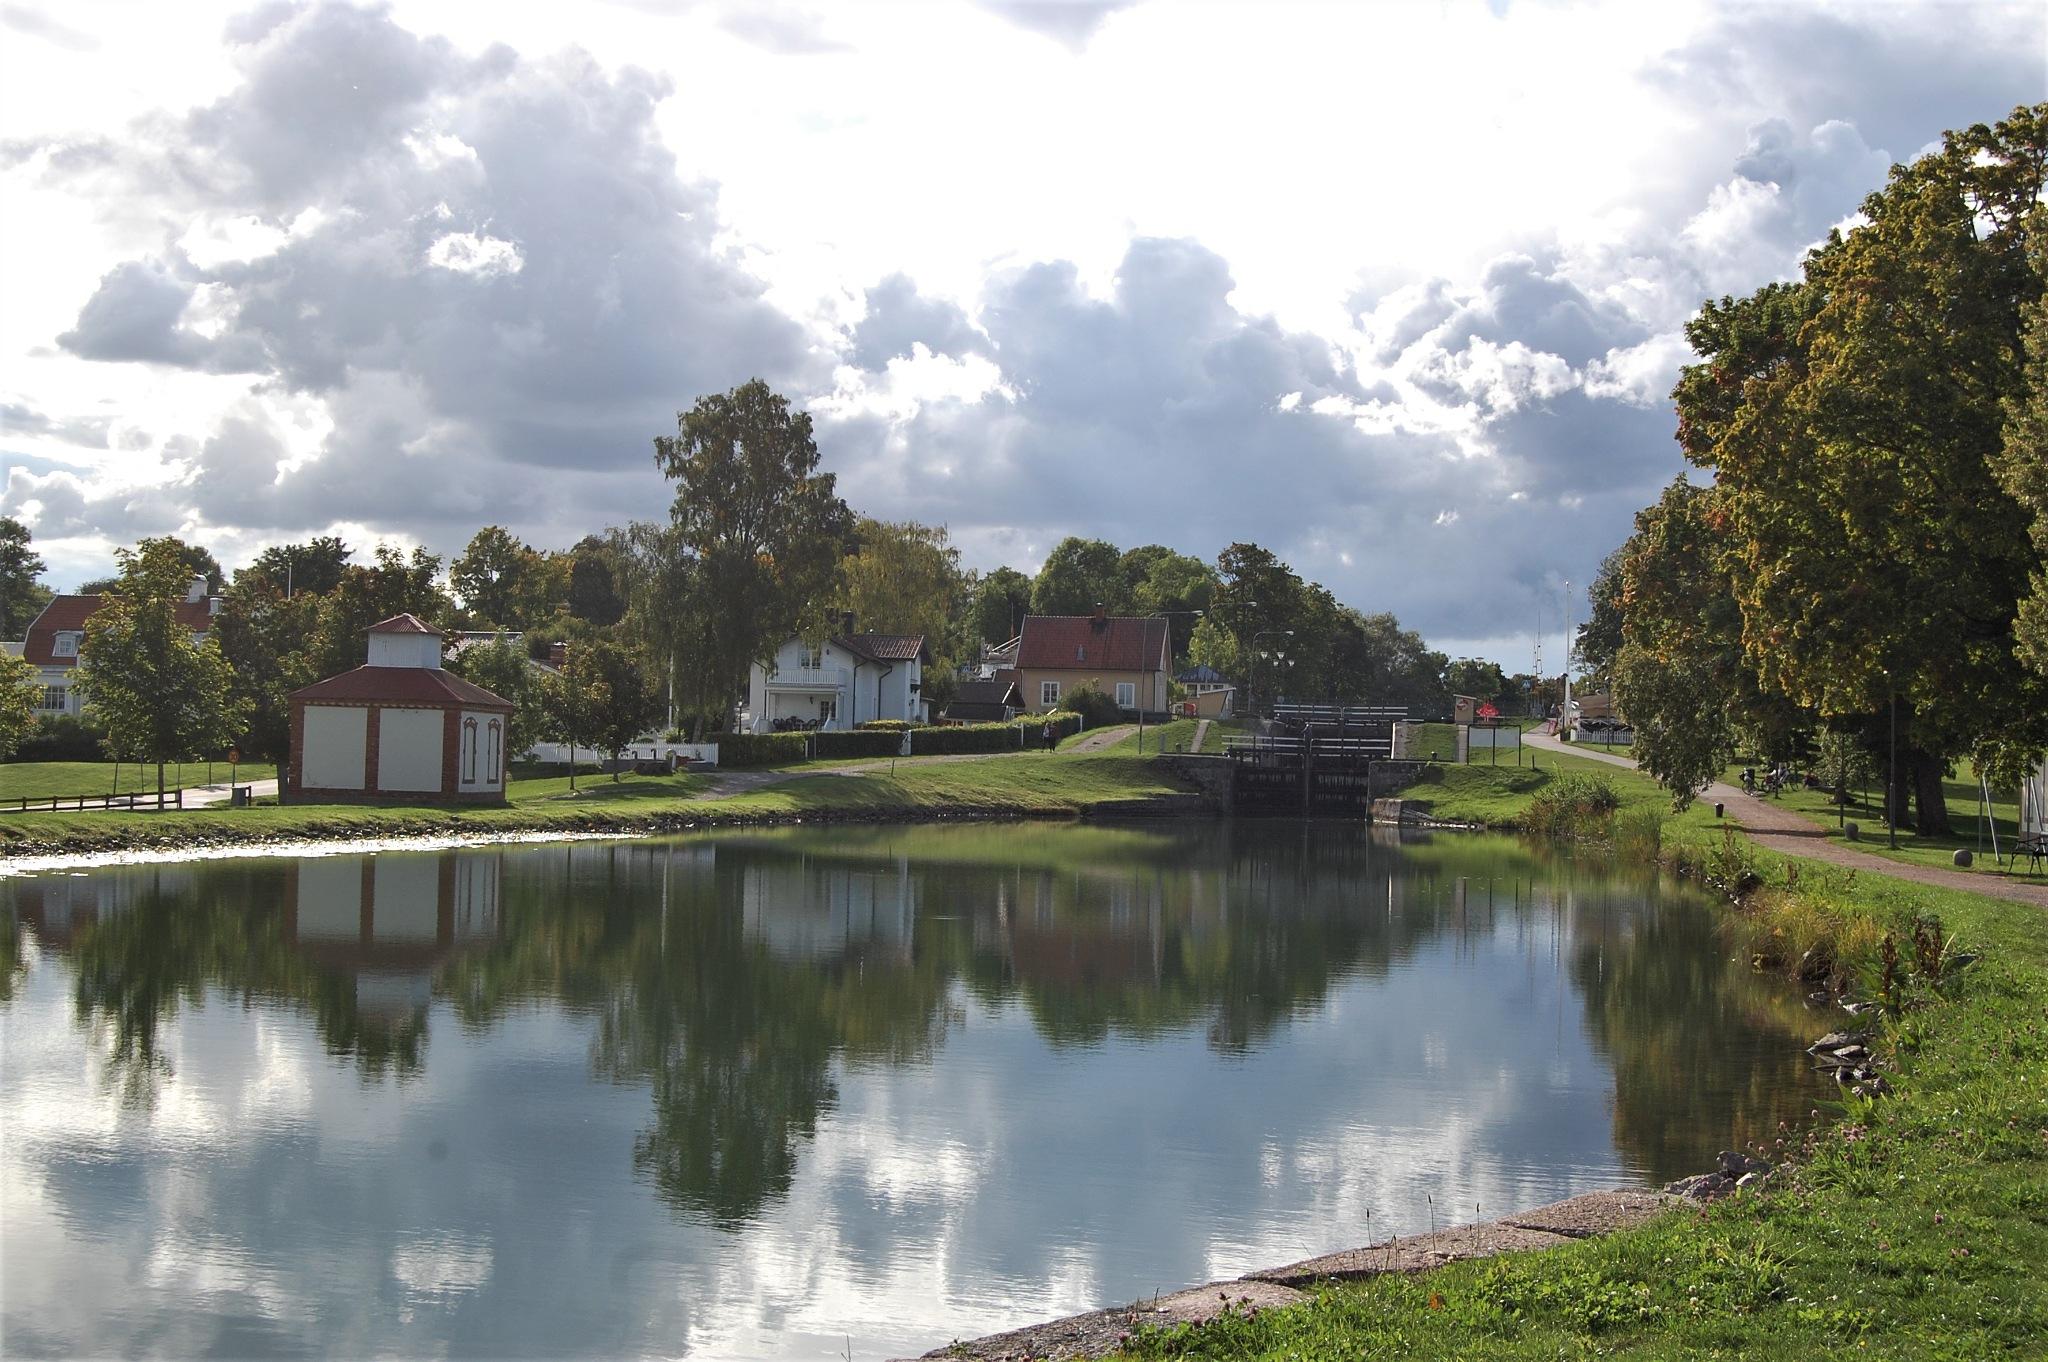 Berg's locks, Göta Kanal by lillemor.ekstrom ek